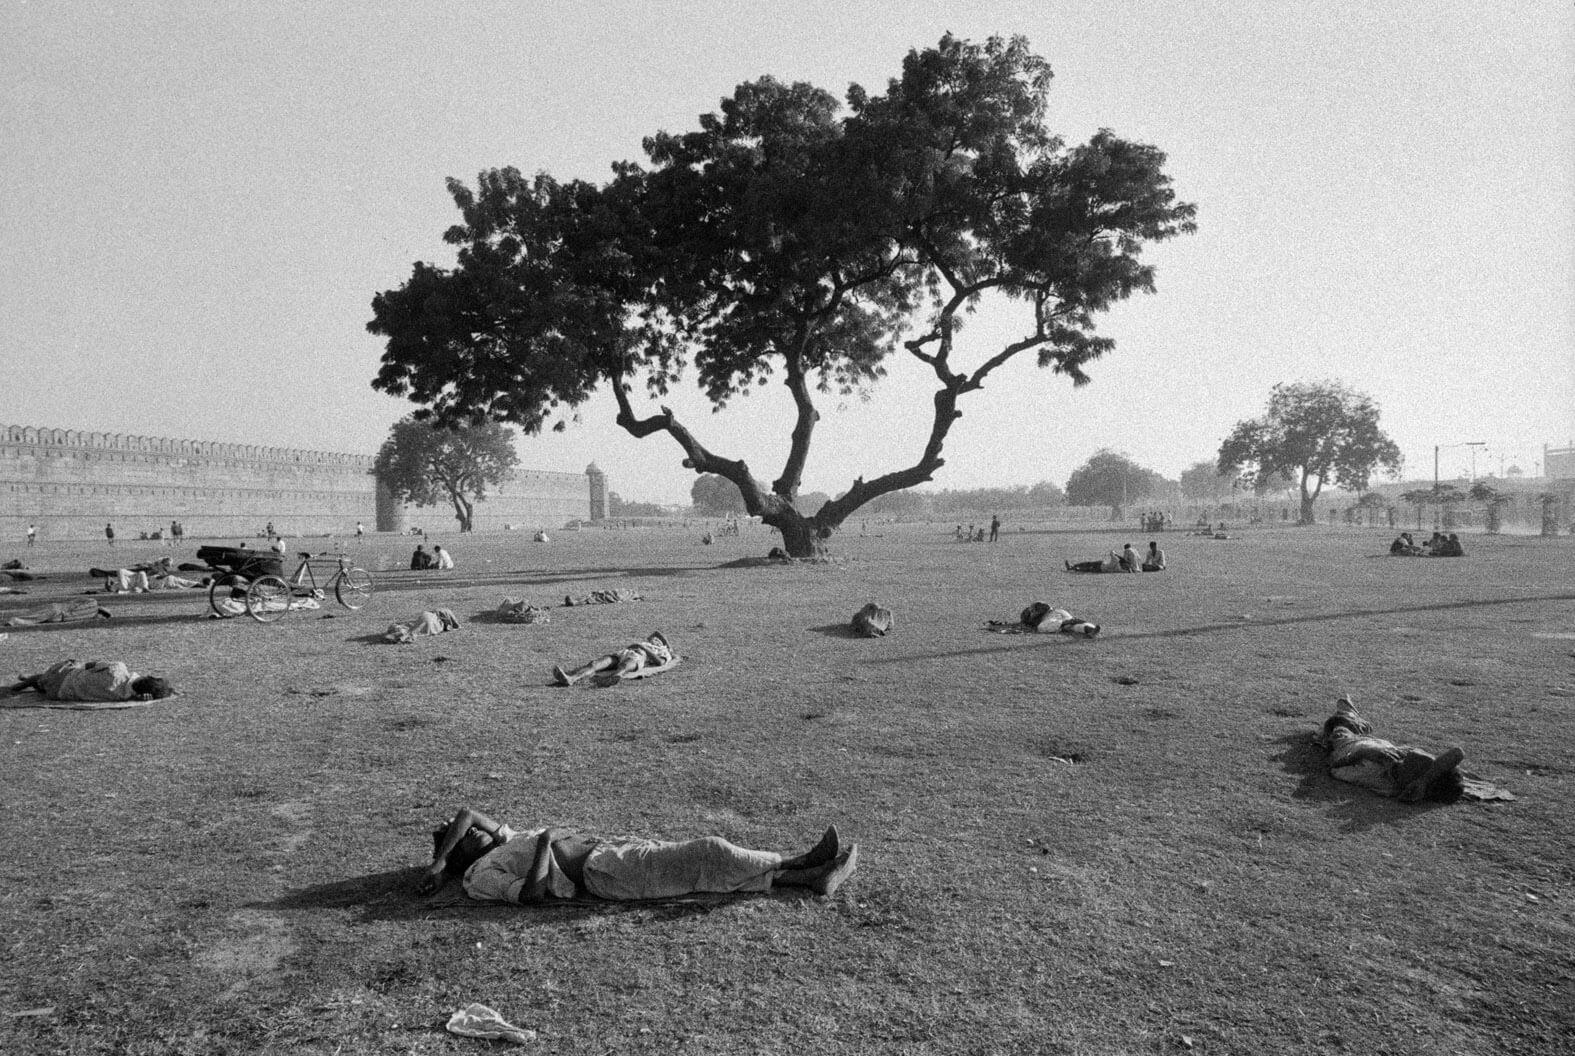 Nuova Delhi, 1972 © Ferdinando Scianna_MagnumPhotos_Contrasto